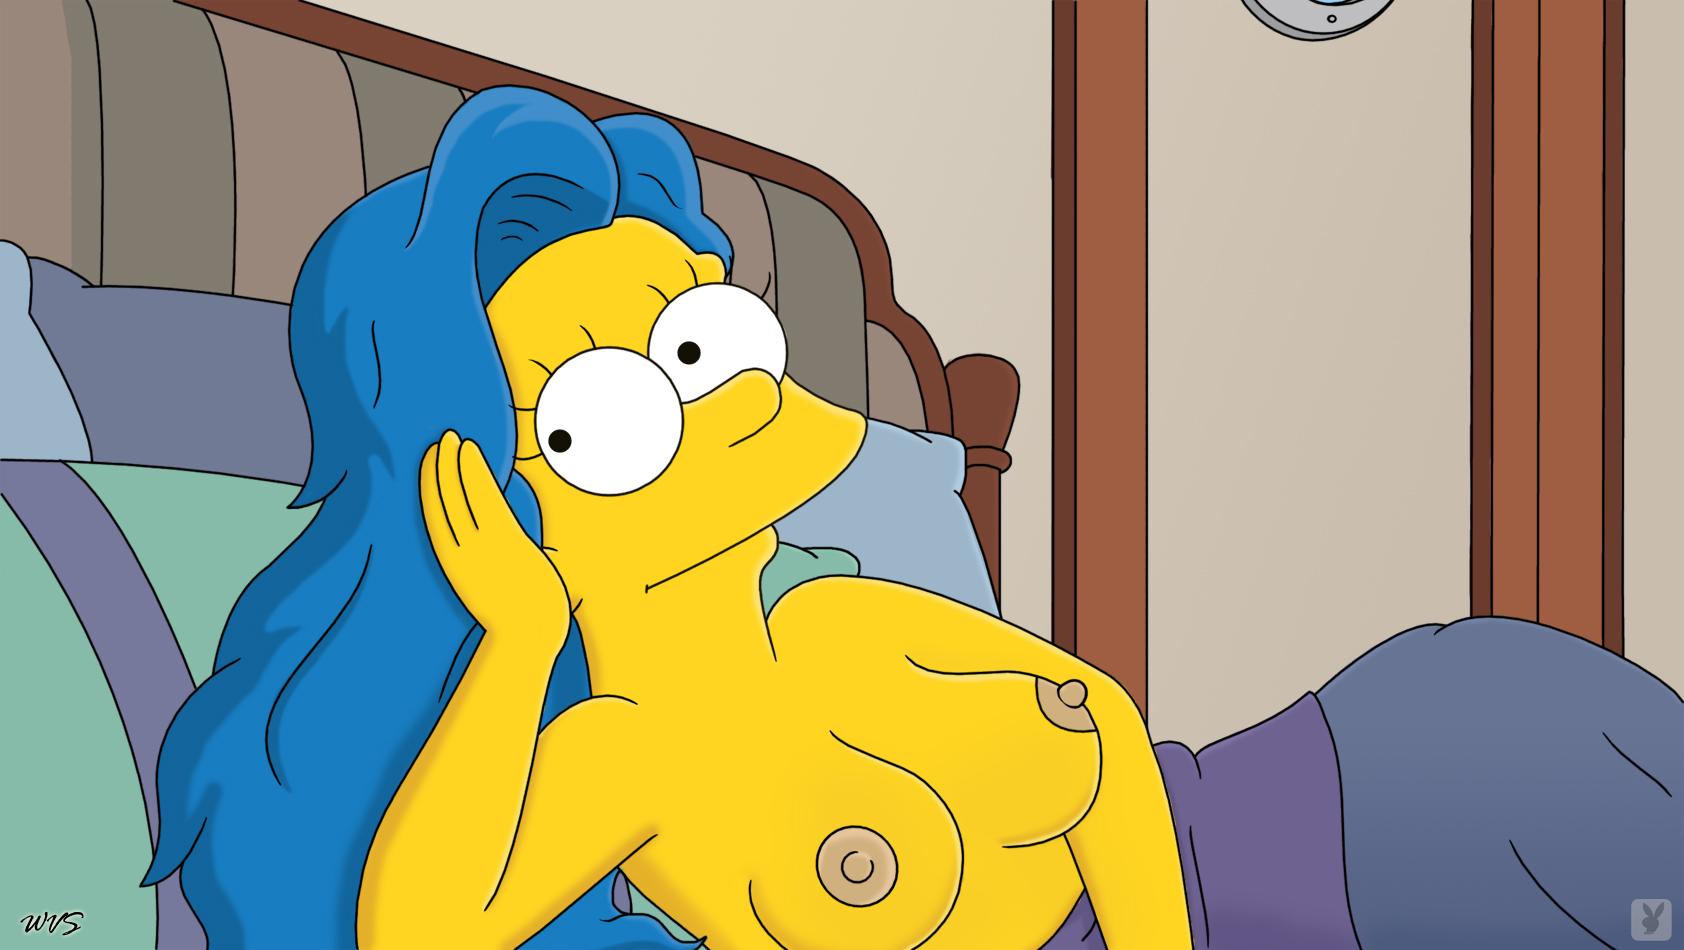 Ххх симпсоны игры 2 фотография